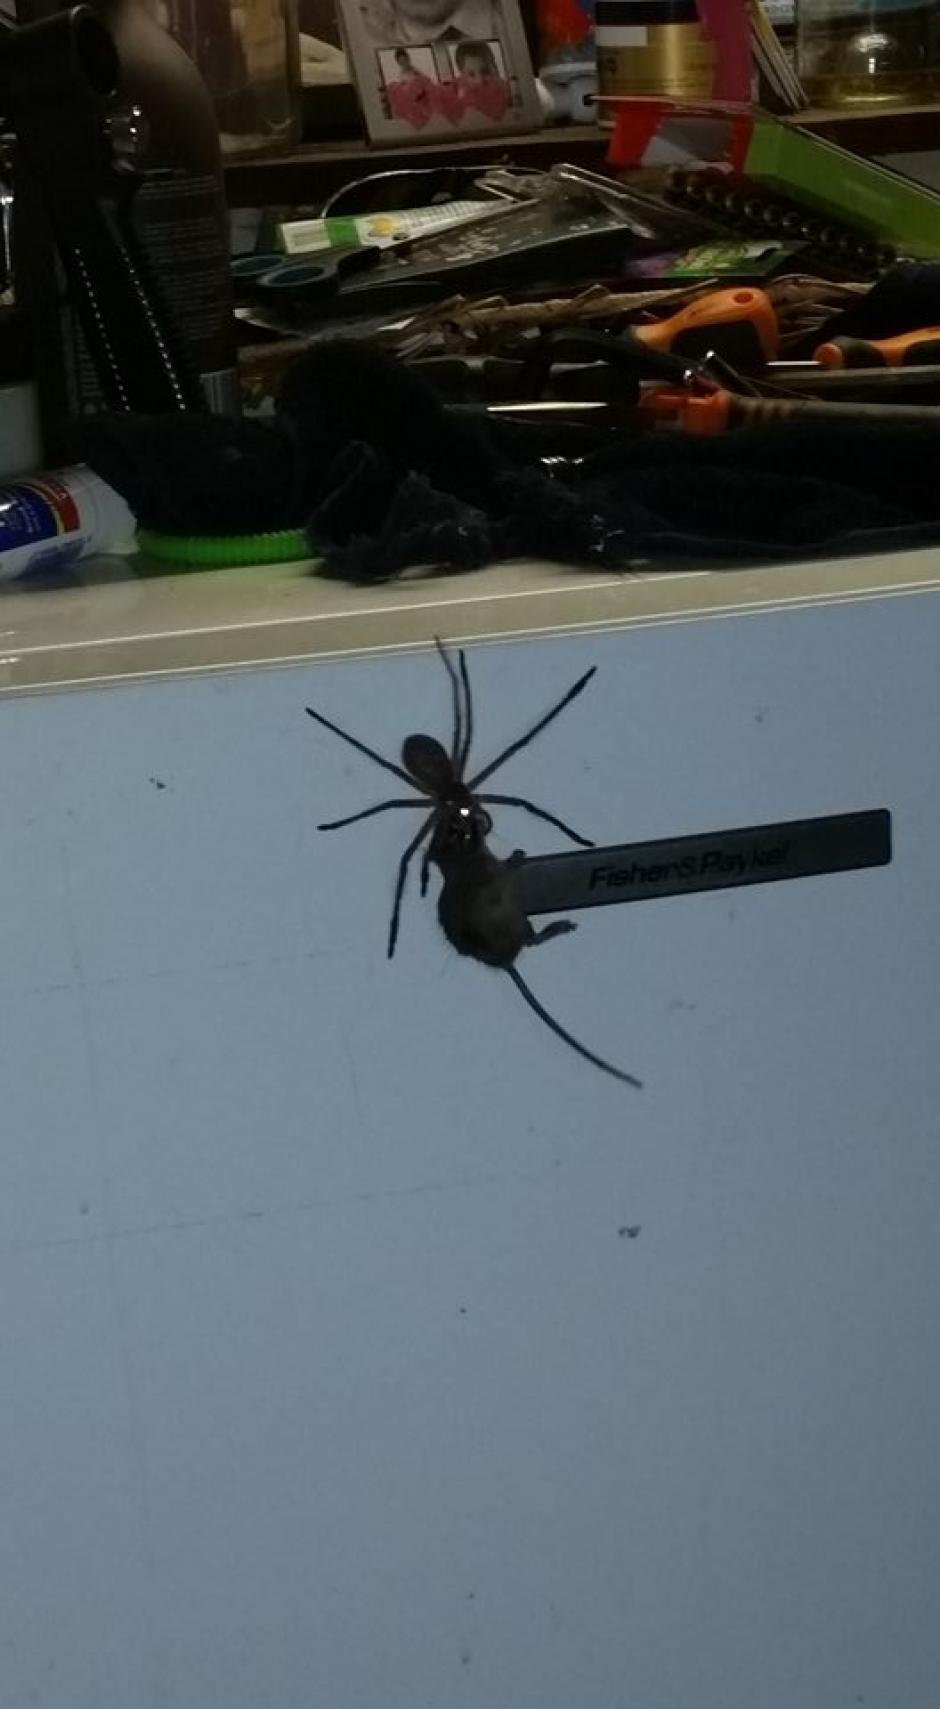 El peso del roedor no impidió que la araña lo arrastrara por varios metros. (Foto: Facebook/Jason Womal)